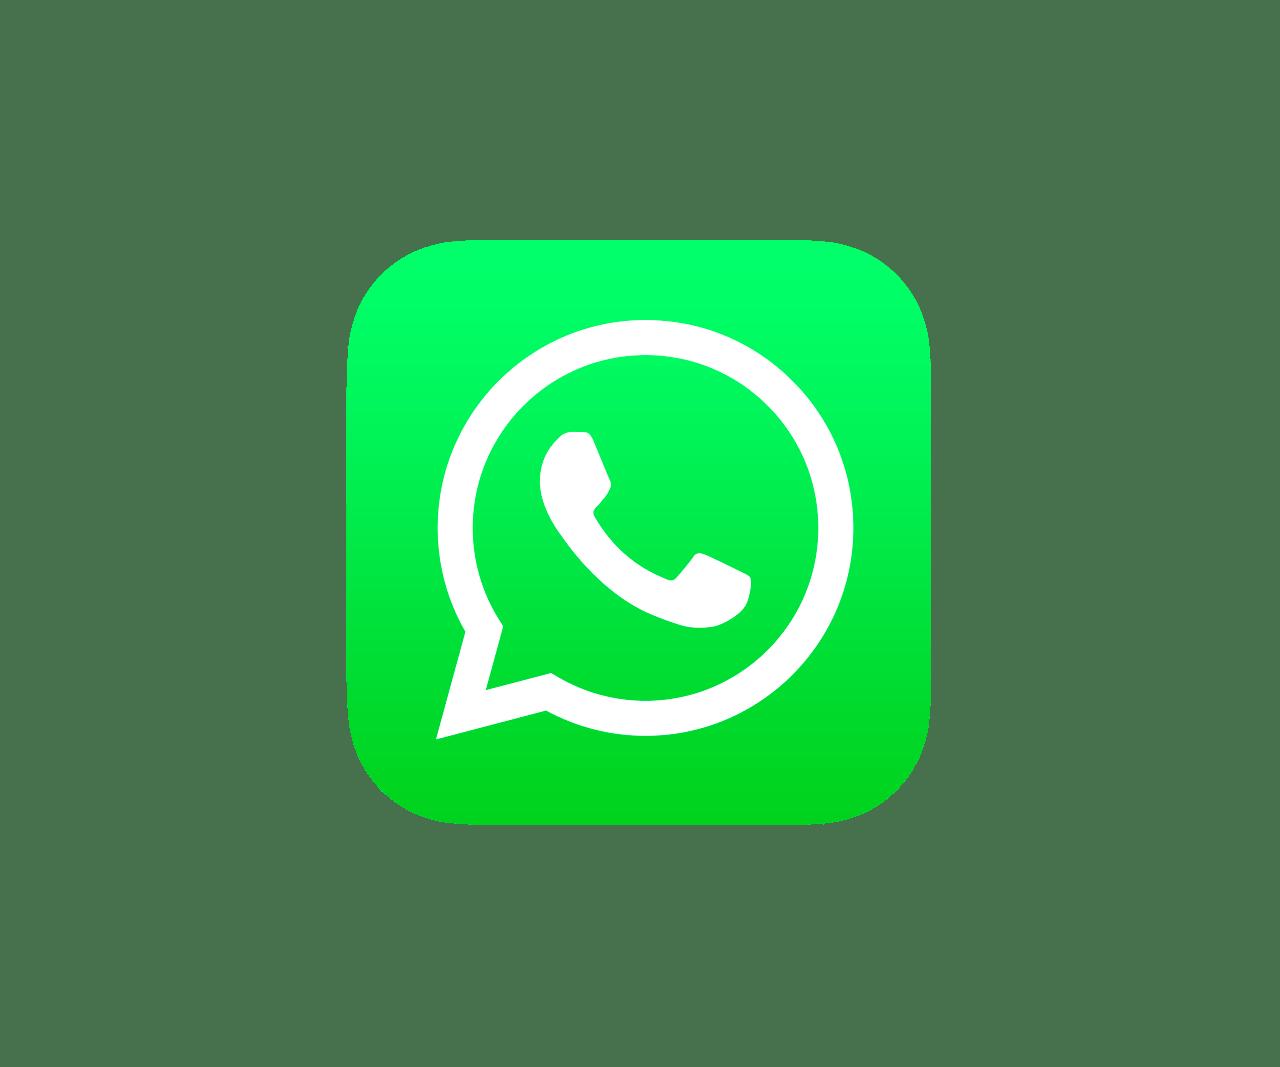 Whatsapp-solo petición de citas desde teléfono móvil